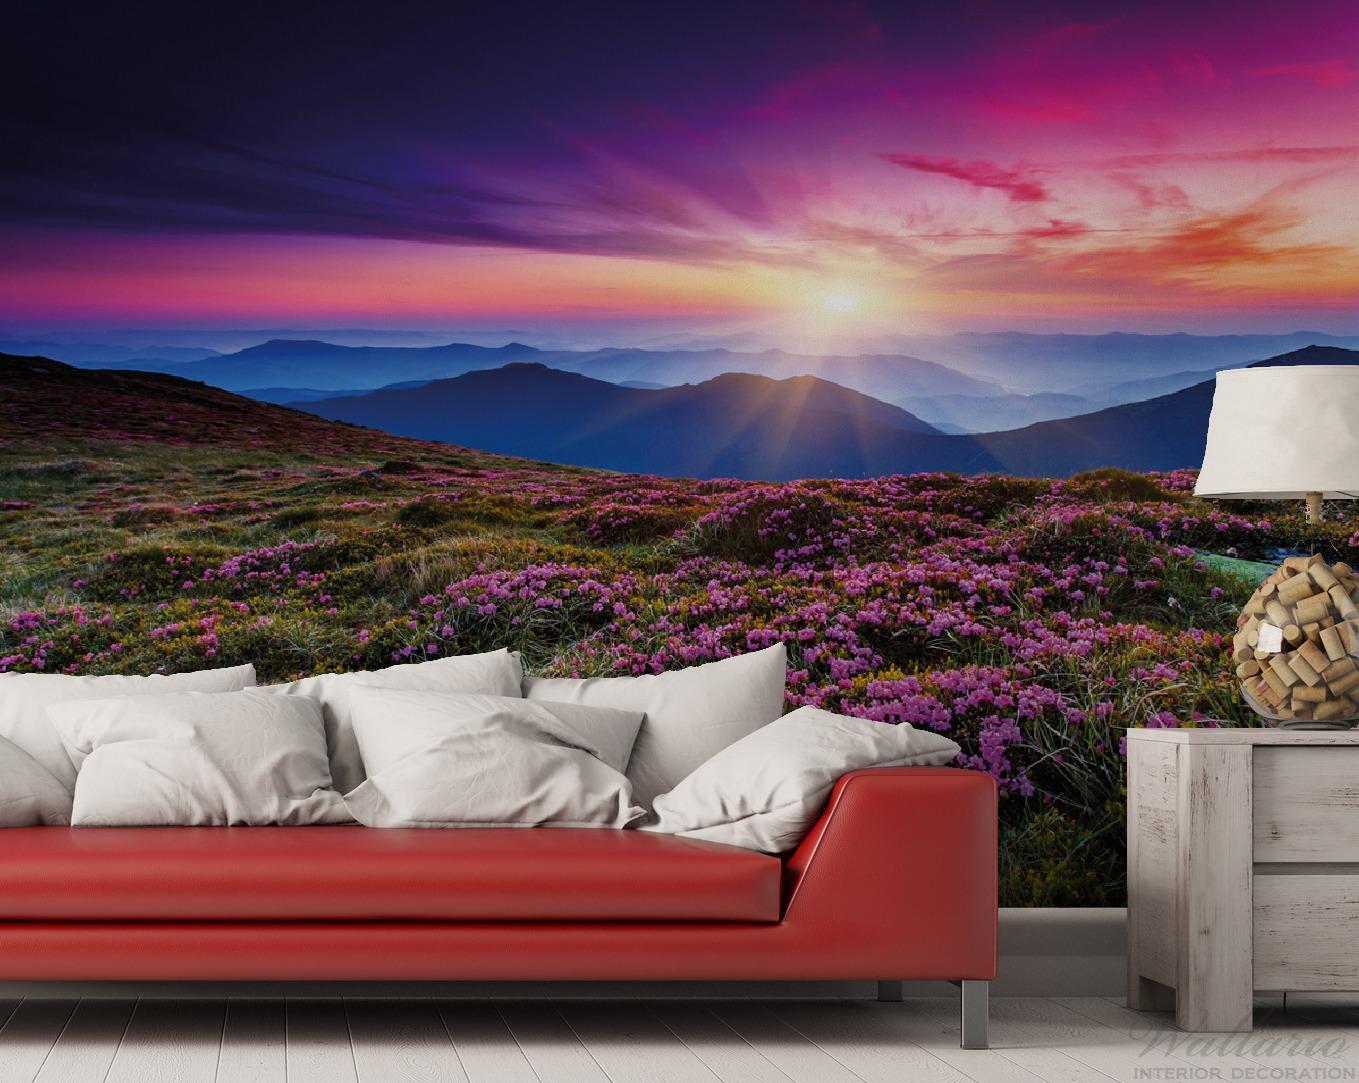 Vliestapete Blumenbedeckte Wiese bei Sonnenuntergang – Bild 2